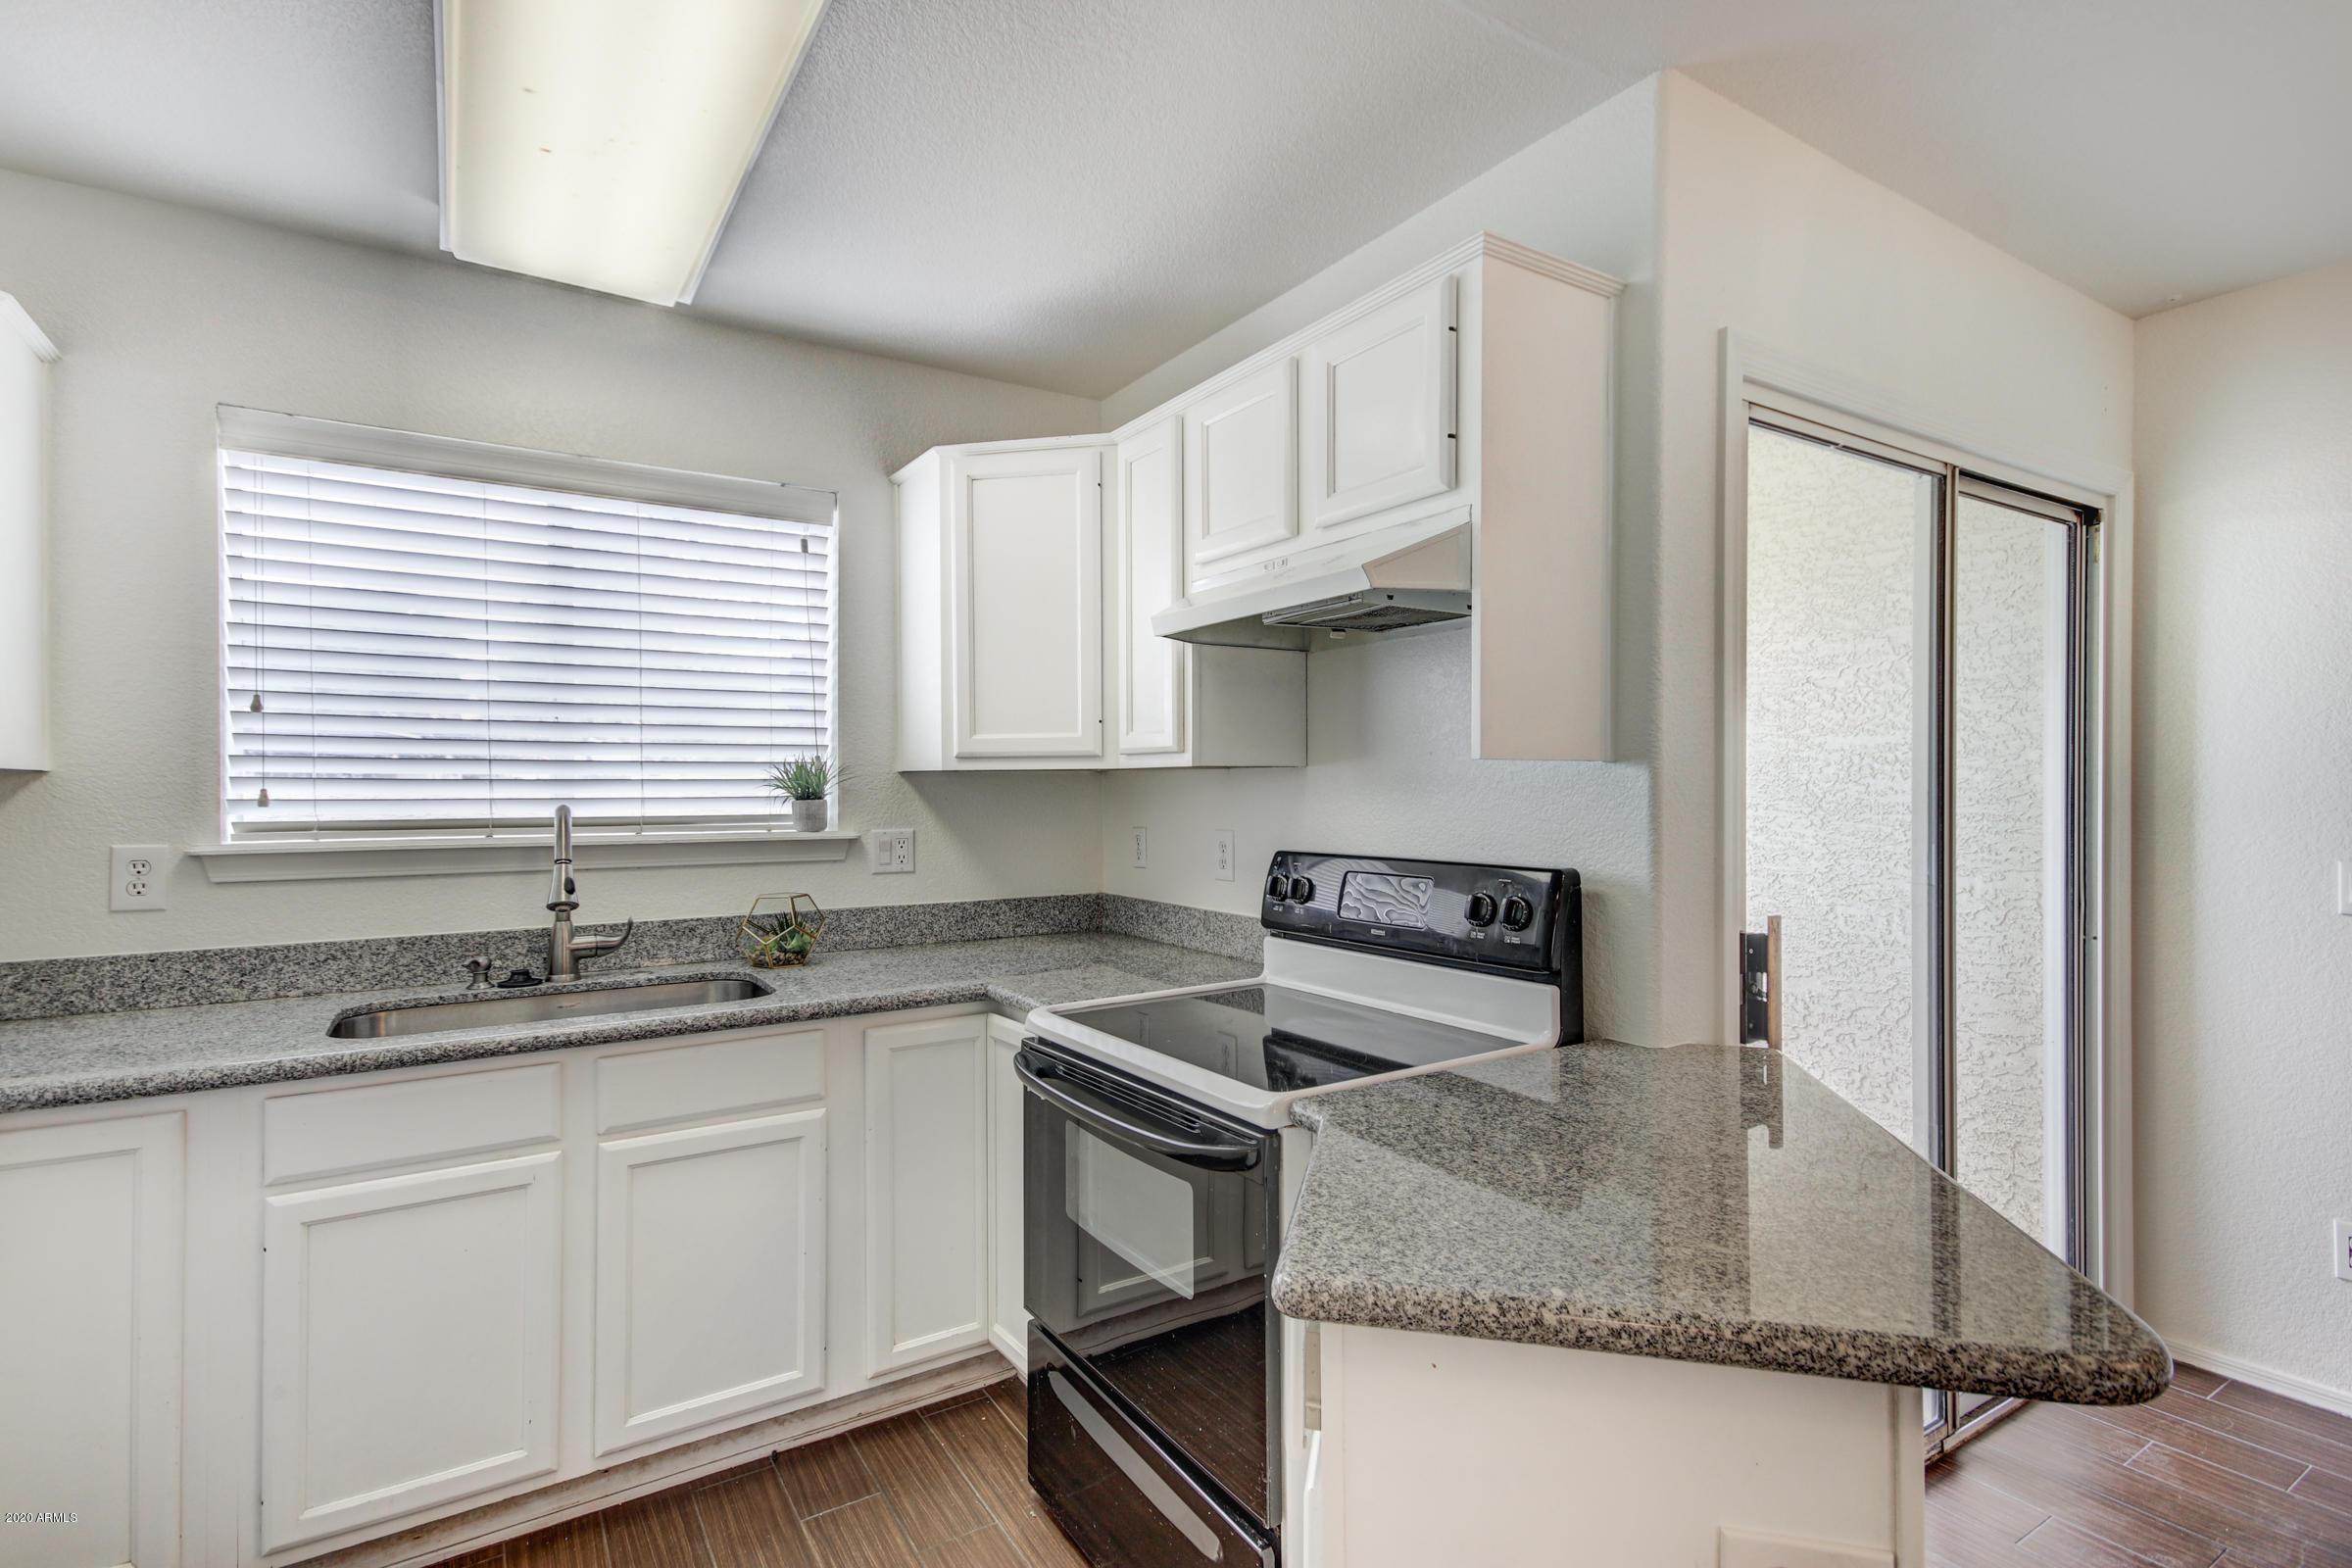 5808 BROWN Road, Mesa, Arizona 85205, 2 Bedrooms Bedrooms, ,2.5 BathroomsBathrooms,Residential,For Sale,BROWN,6151461